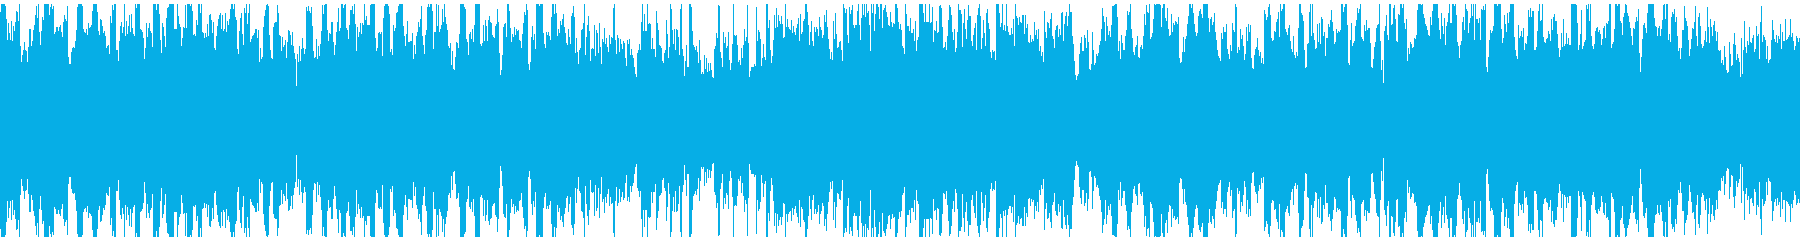 篠笛生演奏の和風EDM ※ループ仕様版の再生済みの波形